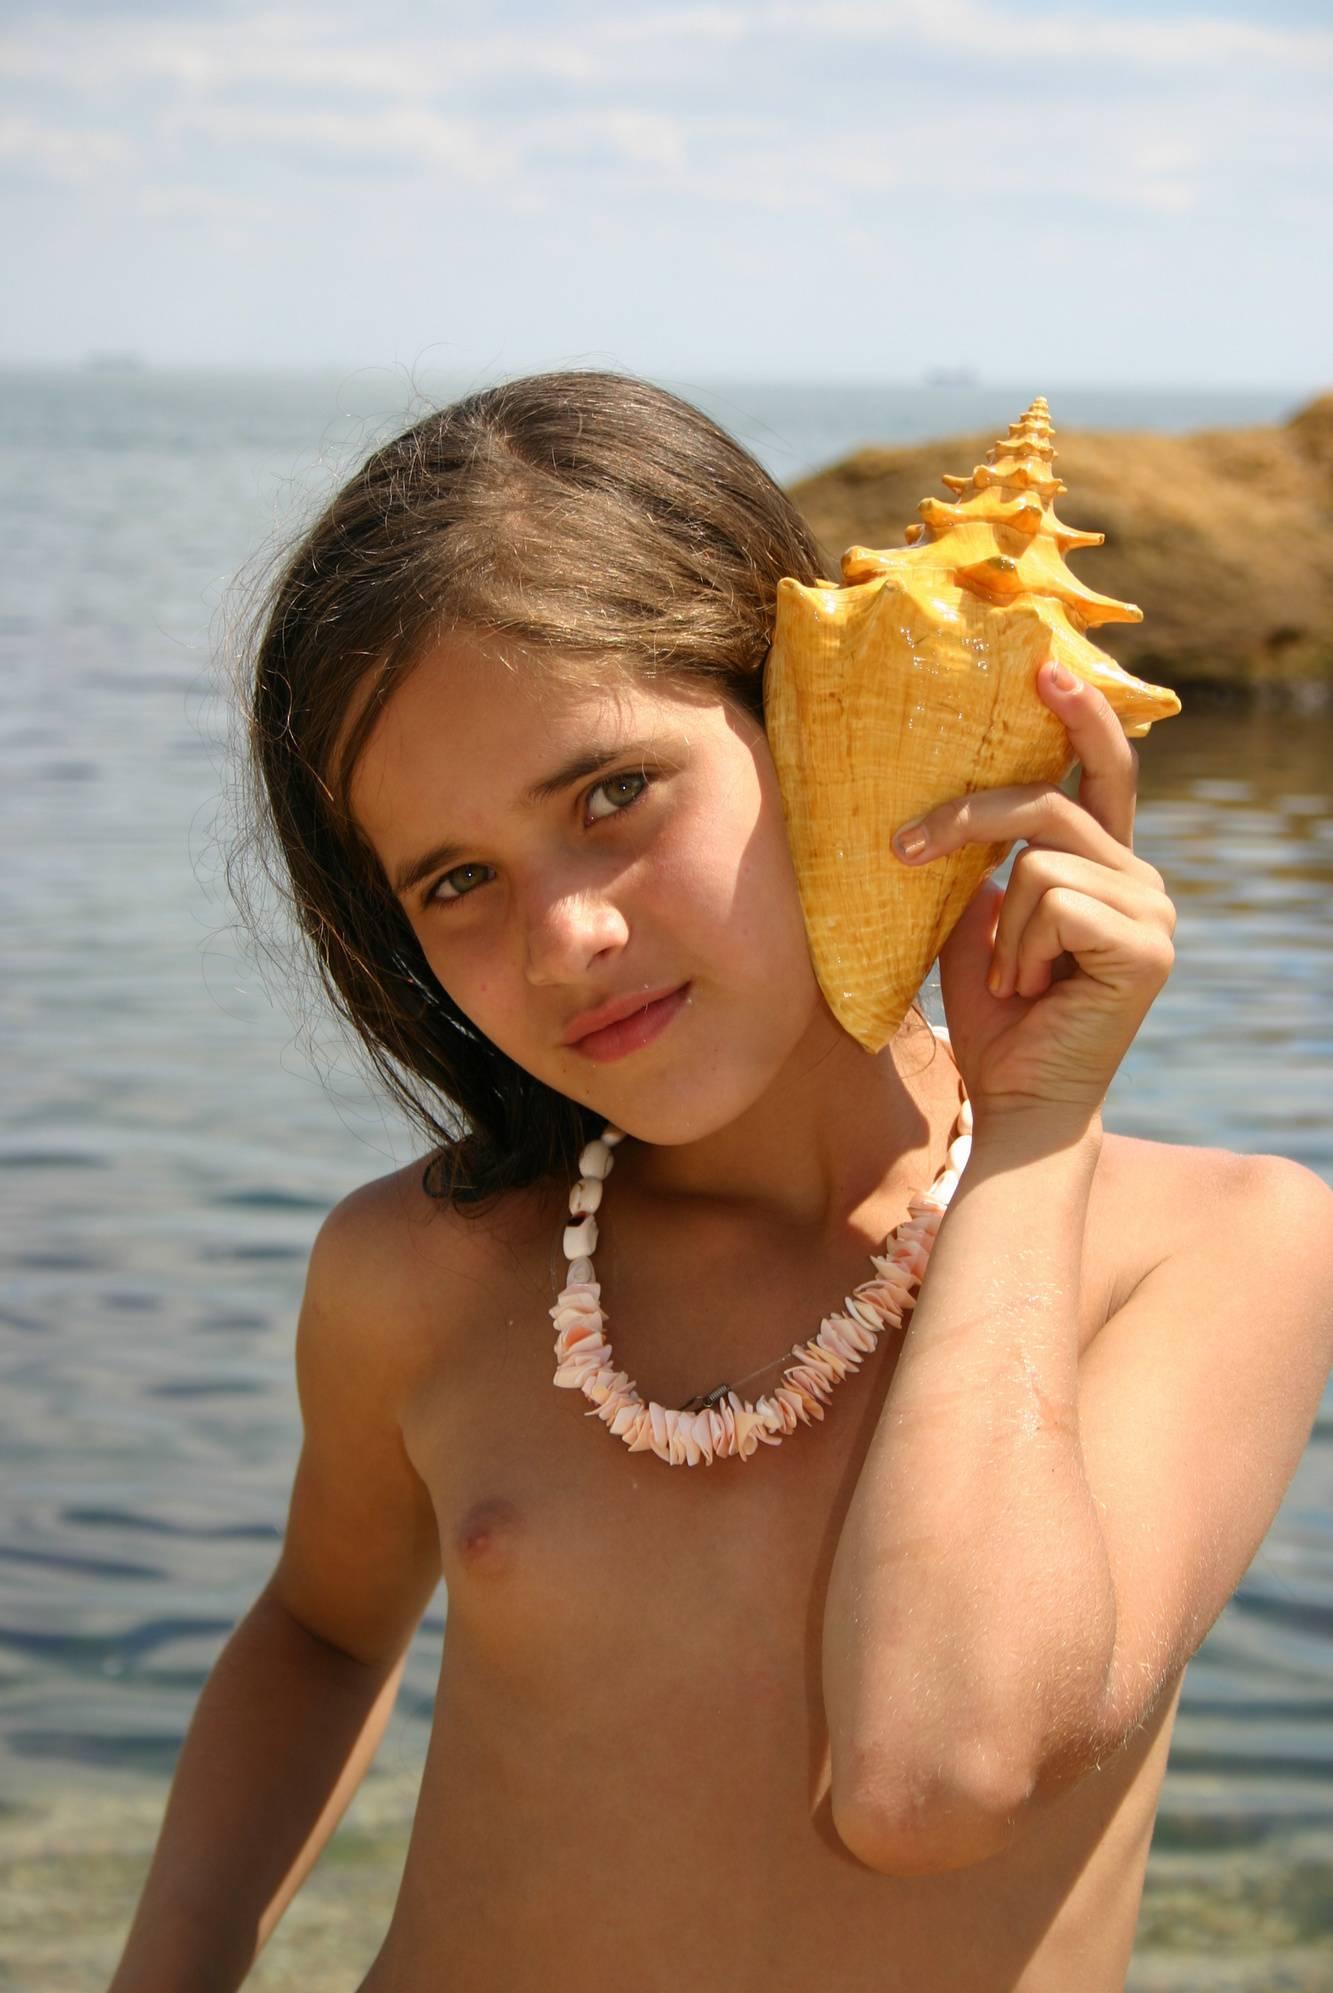 Girl Nudist Shell Wonders - 1